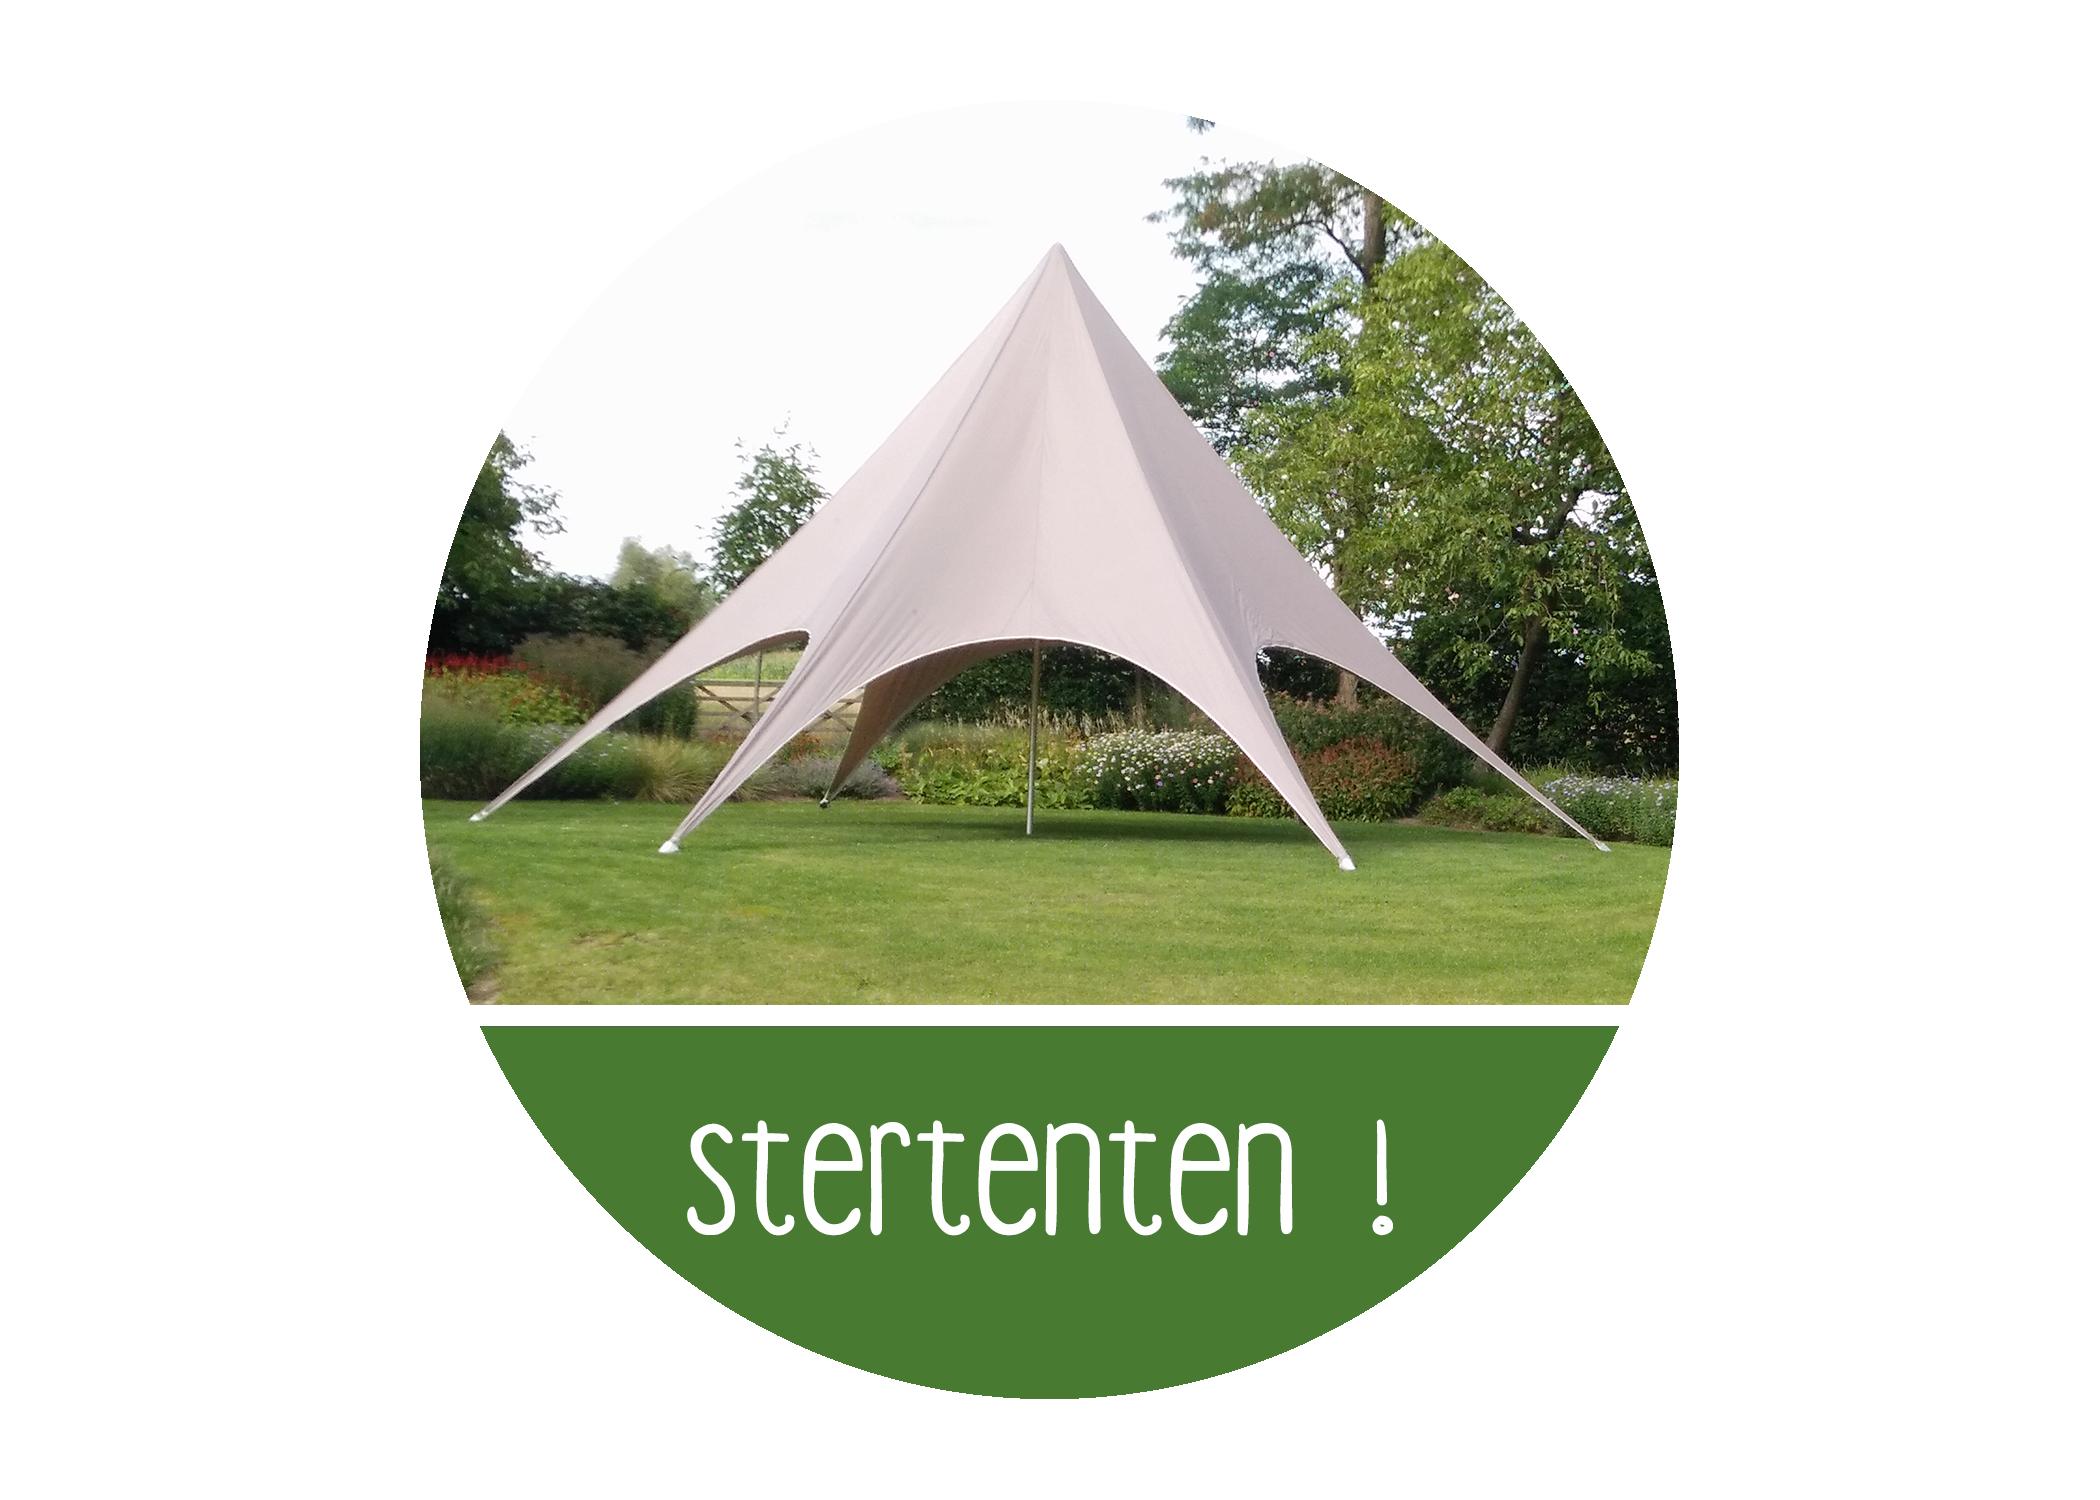 Stertenten2.png